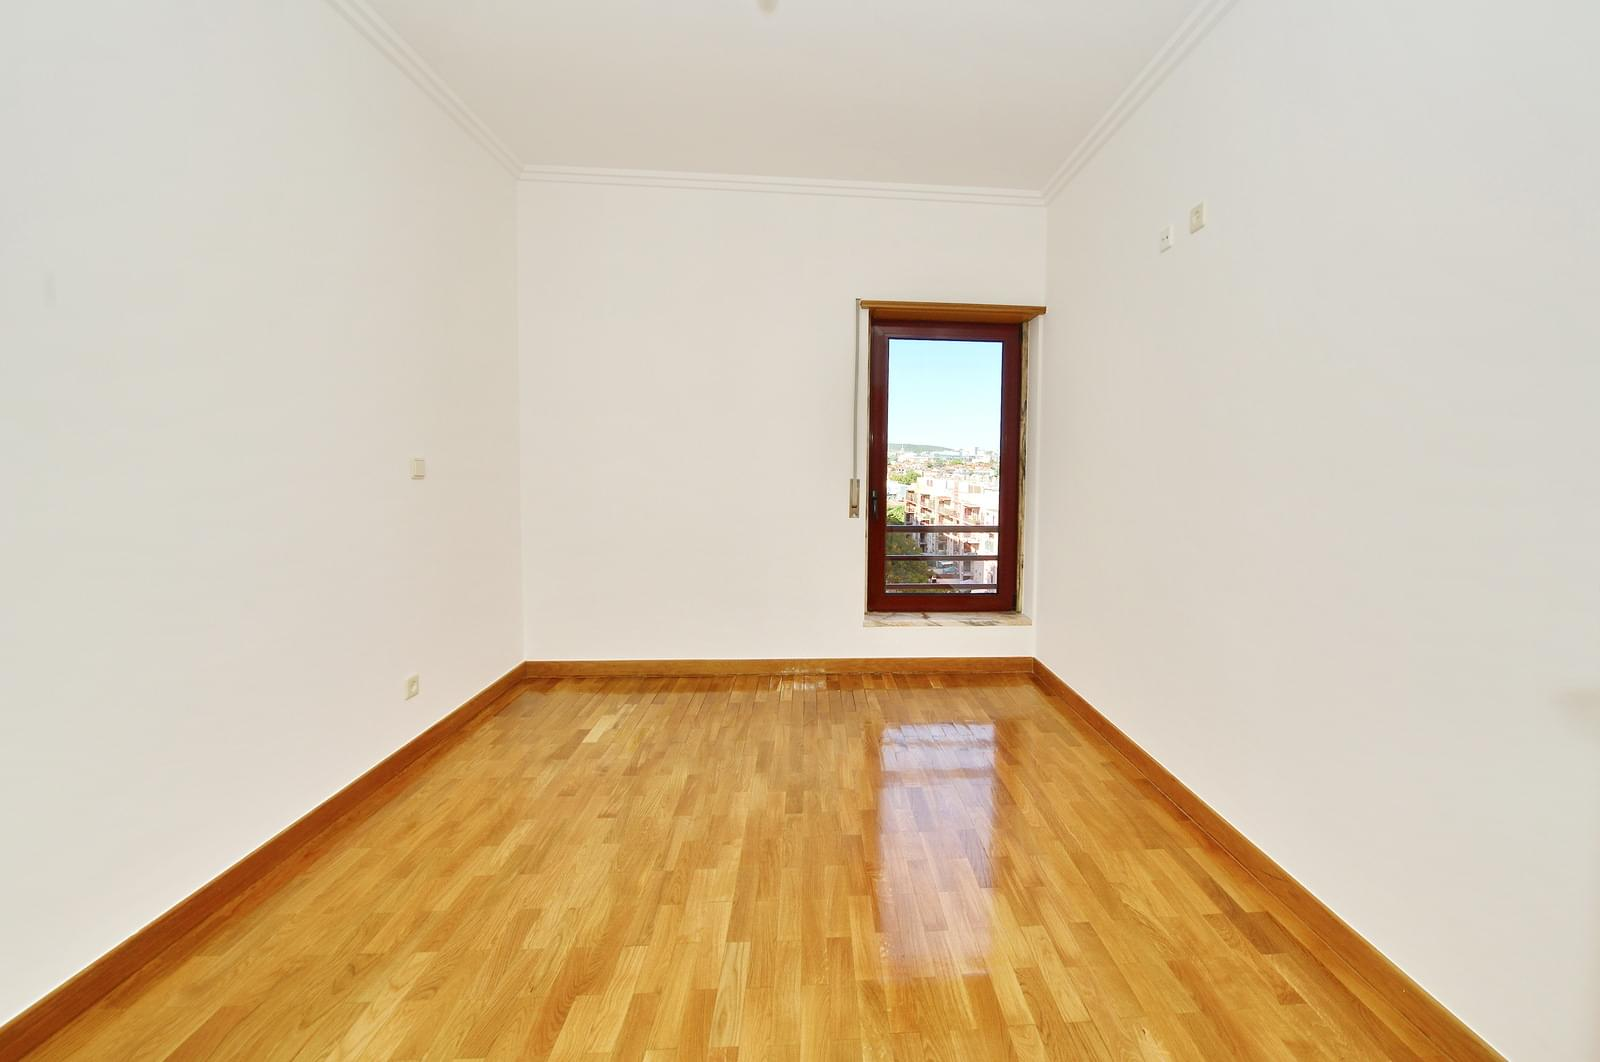 pf17174-apartamento-t3-oeiras-c12f5e7e-acdd-4fc1-9952-1c615191aed7